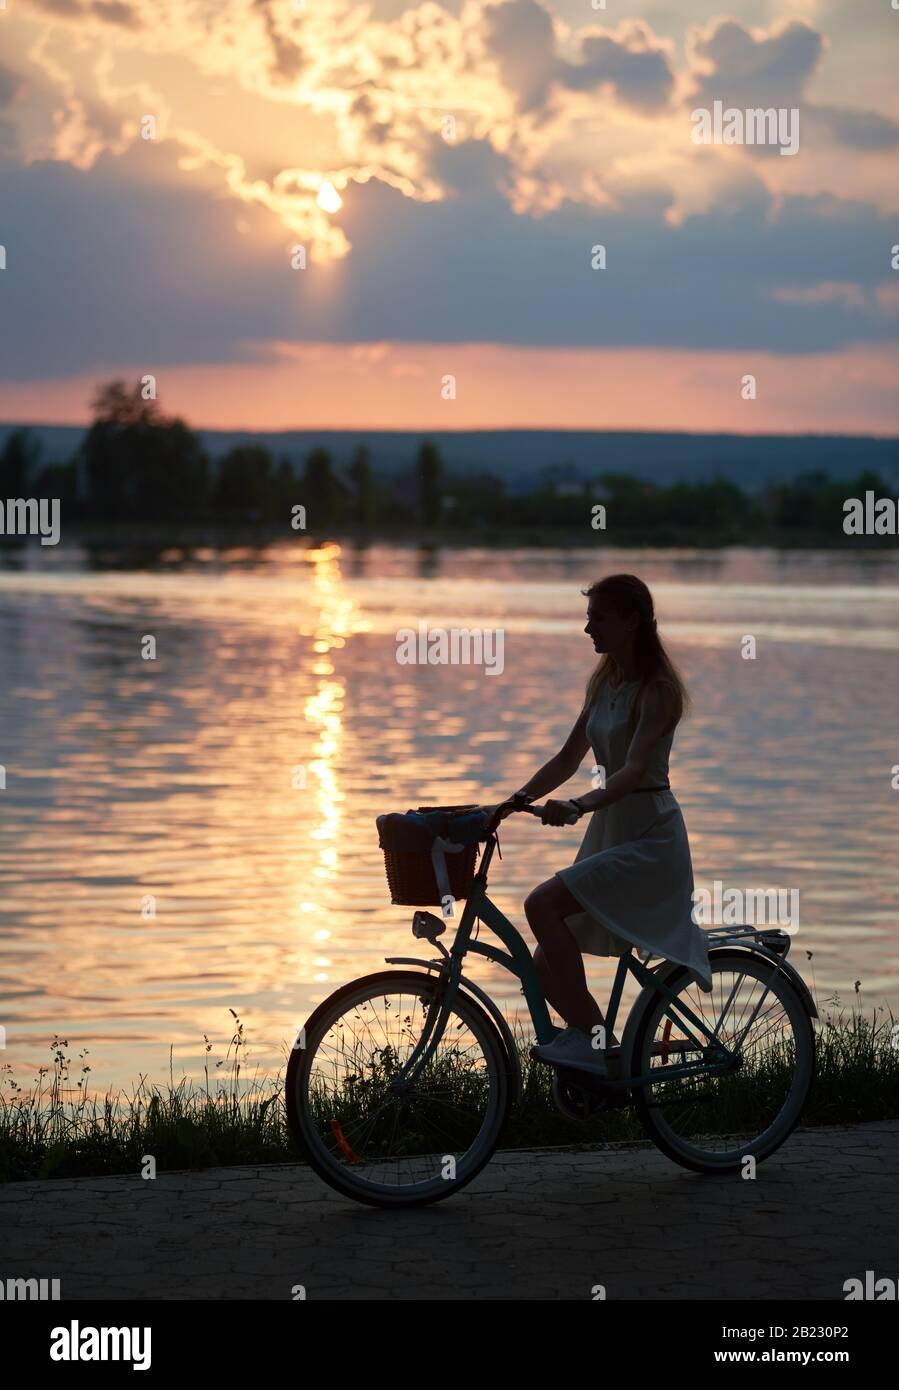 Silhouette d'une jolie fille qui monte un vélo le long du lac au beau coucher du soleil, horizon mauve et chemin du soleil sur l'eau, moments paisibles, espace de copie Banque D'Images